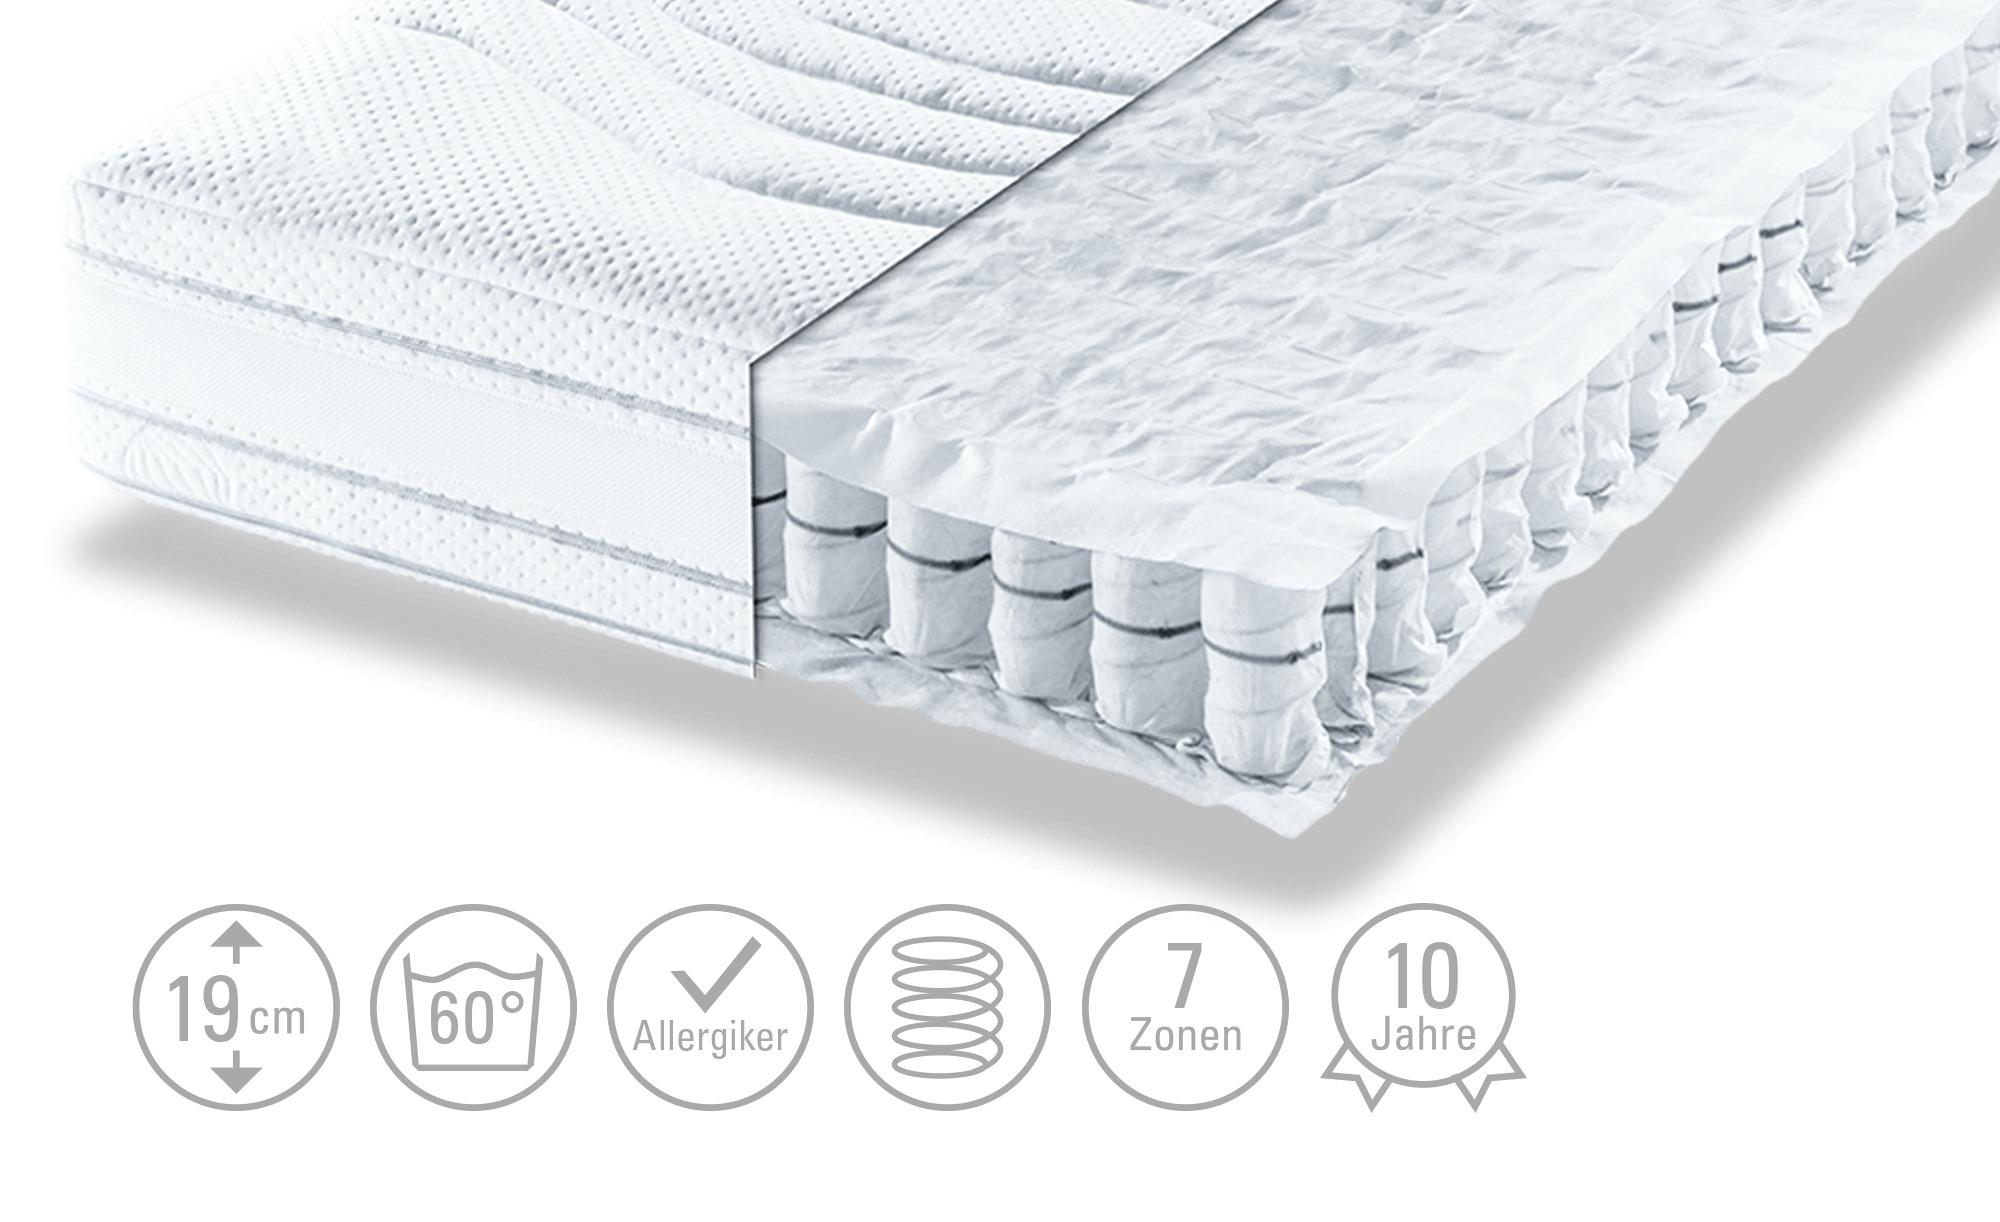 Tonnentaschenfederkern-Matratze, bis 150 kg - weiß - 80 cm - 19 cm - Matratzen & Zubehör > Federkernmatratzen - Möbel Kraft